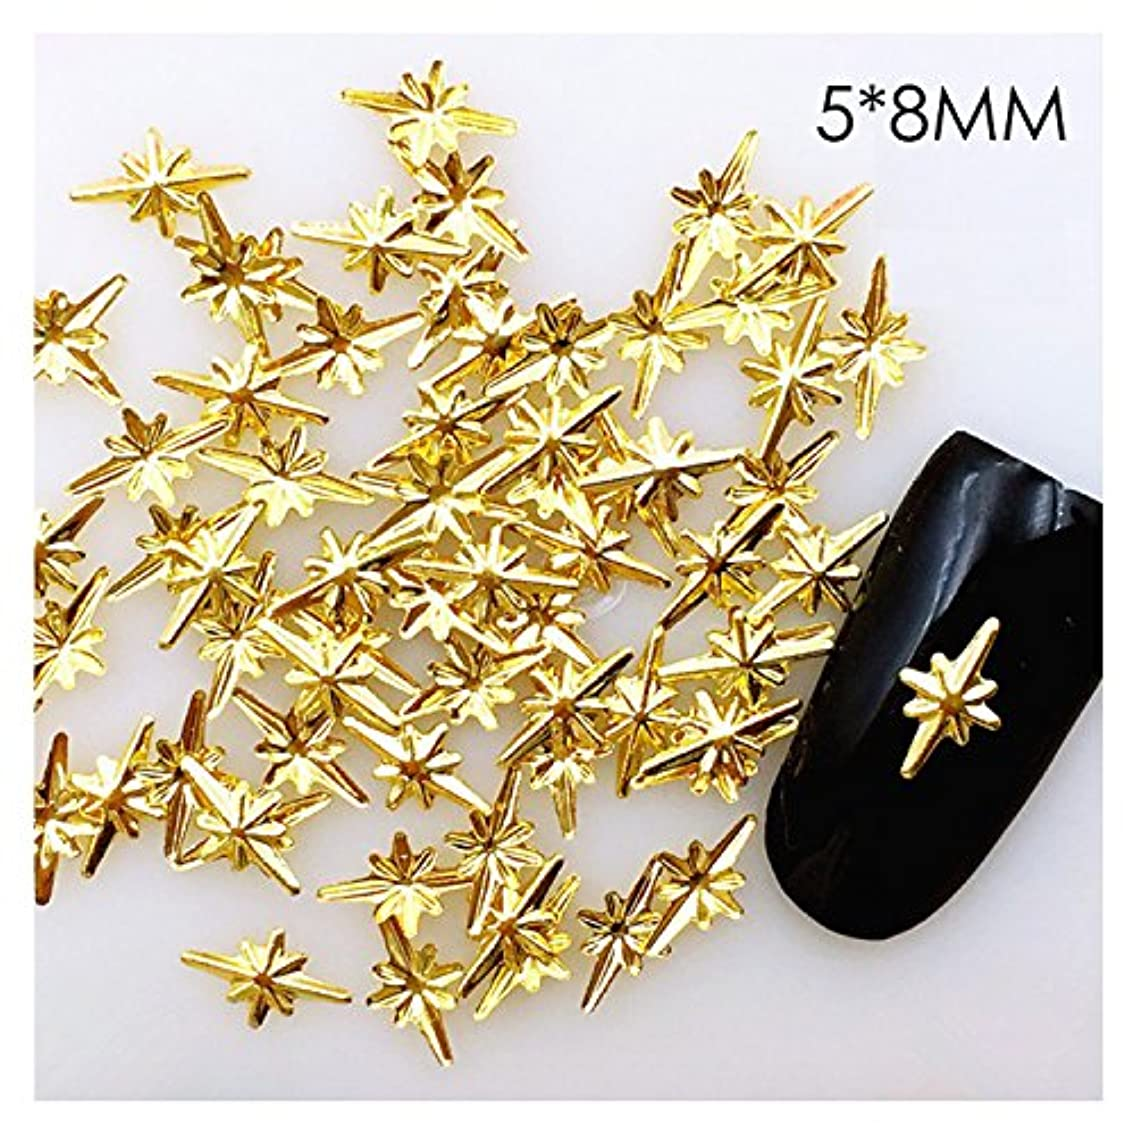 地理共産主義者学んだ40個入り ダイヤ5*8ミリ 40個入り恒星 ゴールド メタルパーツ スタッズ ネイル用品 GOLD スター アート パーツ デコ素材